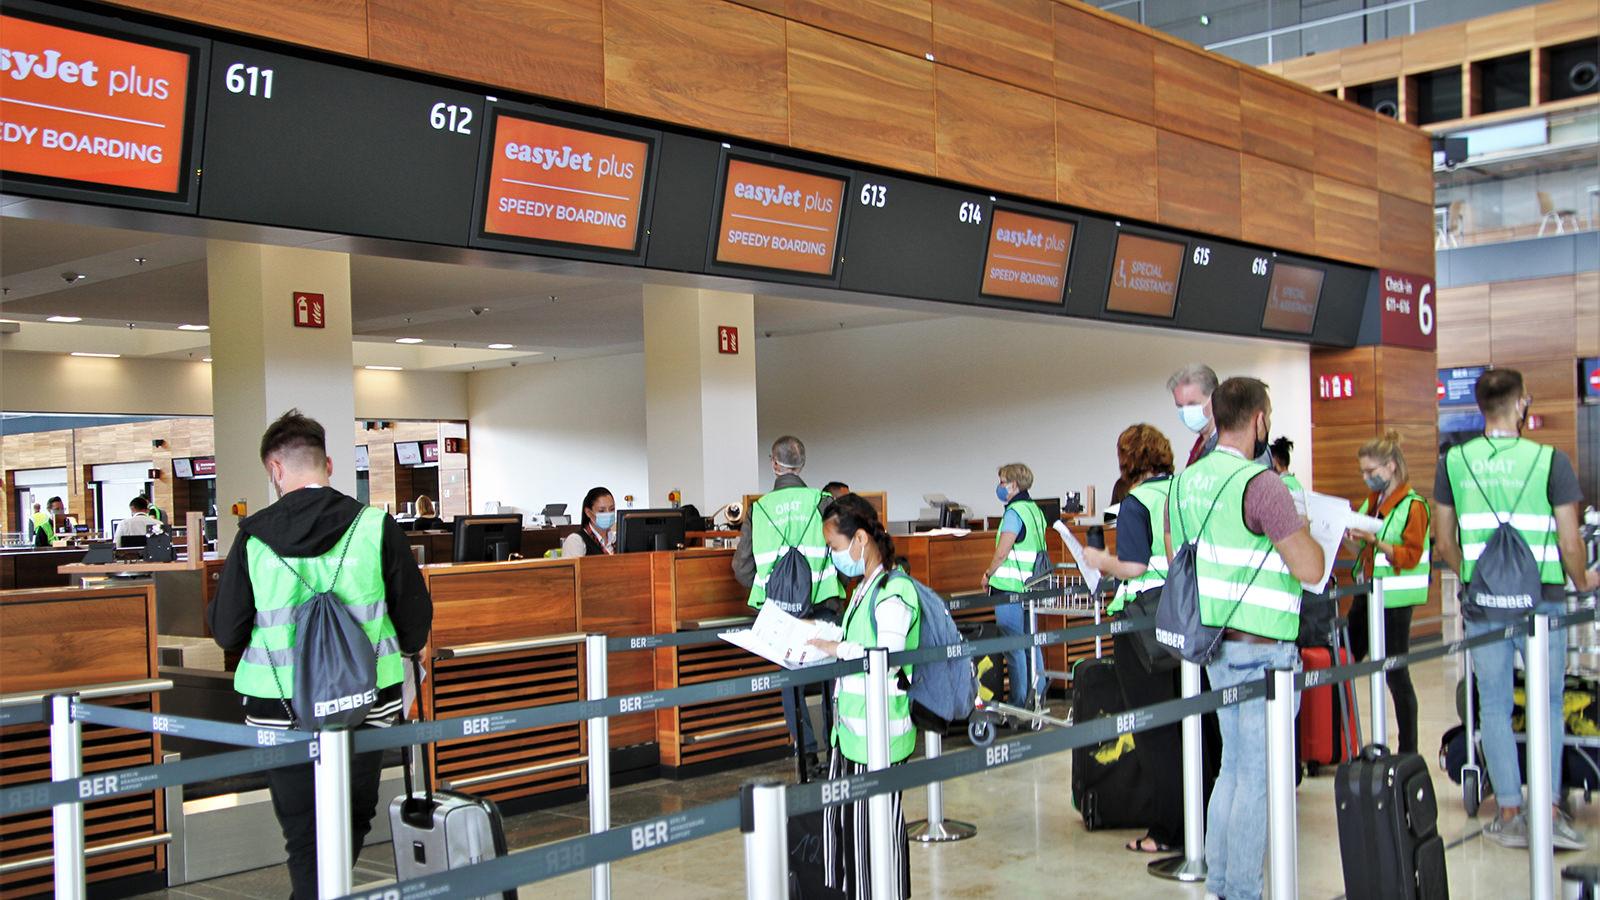 Der BER wird derzeit auf Herz und Nieren geprüft: Flughafentester beim Speedy Boarding. (Foto: Heidi Diehl)